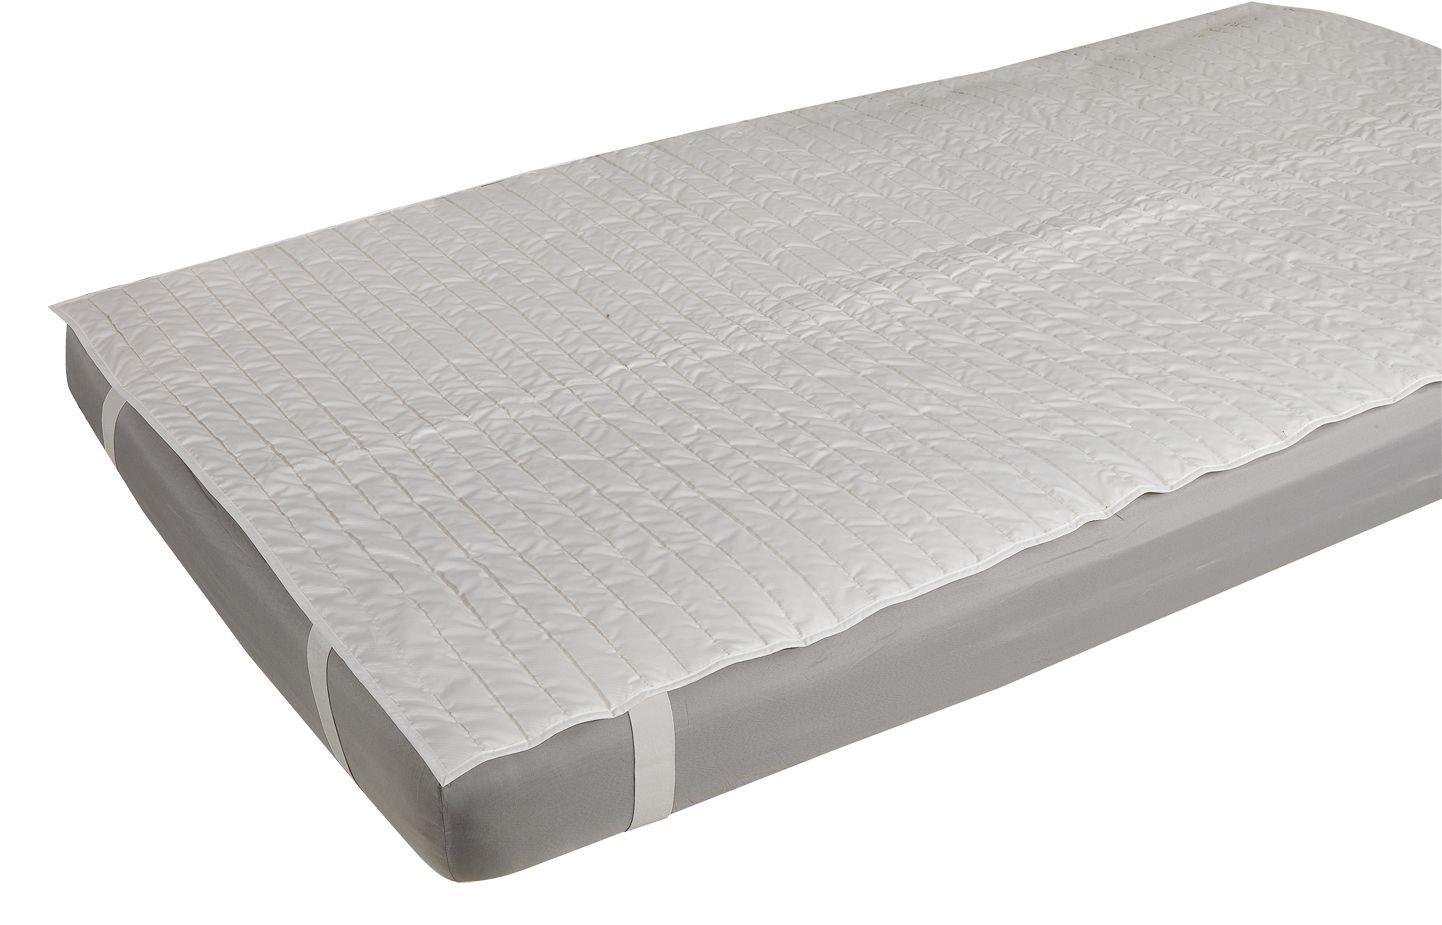 Traumina Hygieneauflage Premium Selection Hygieneauflage Größe 180x200 cm